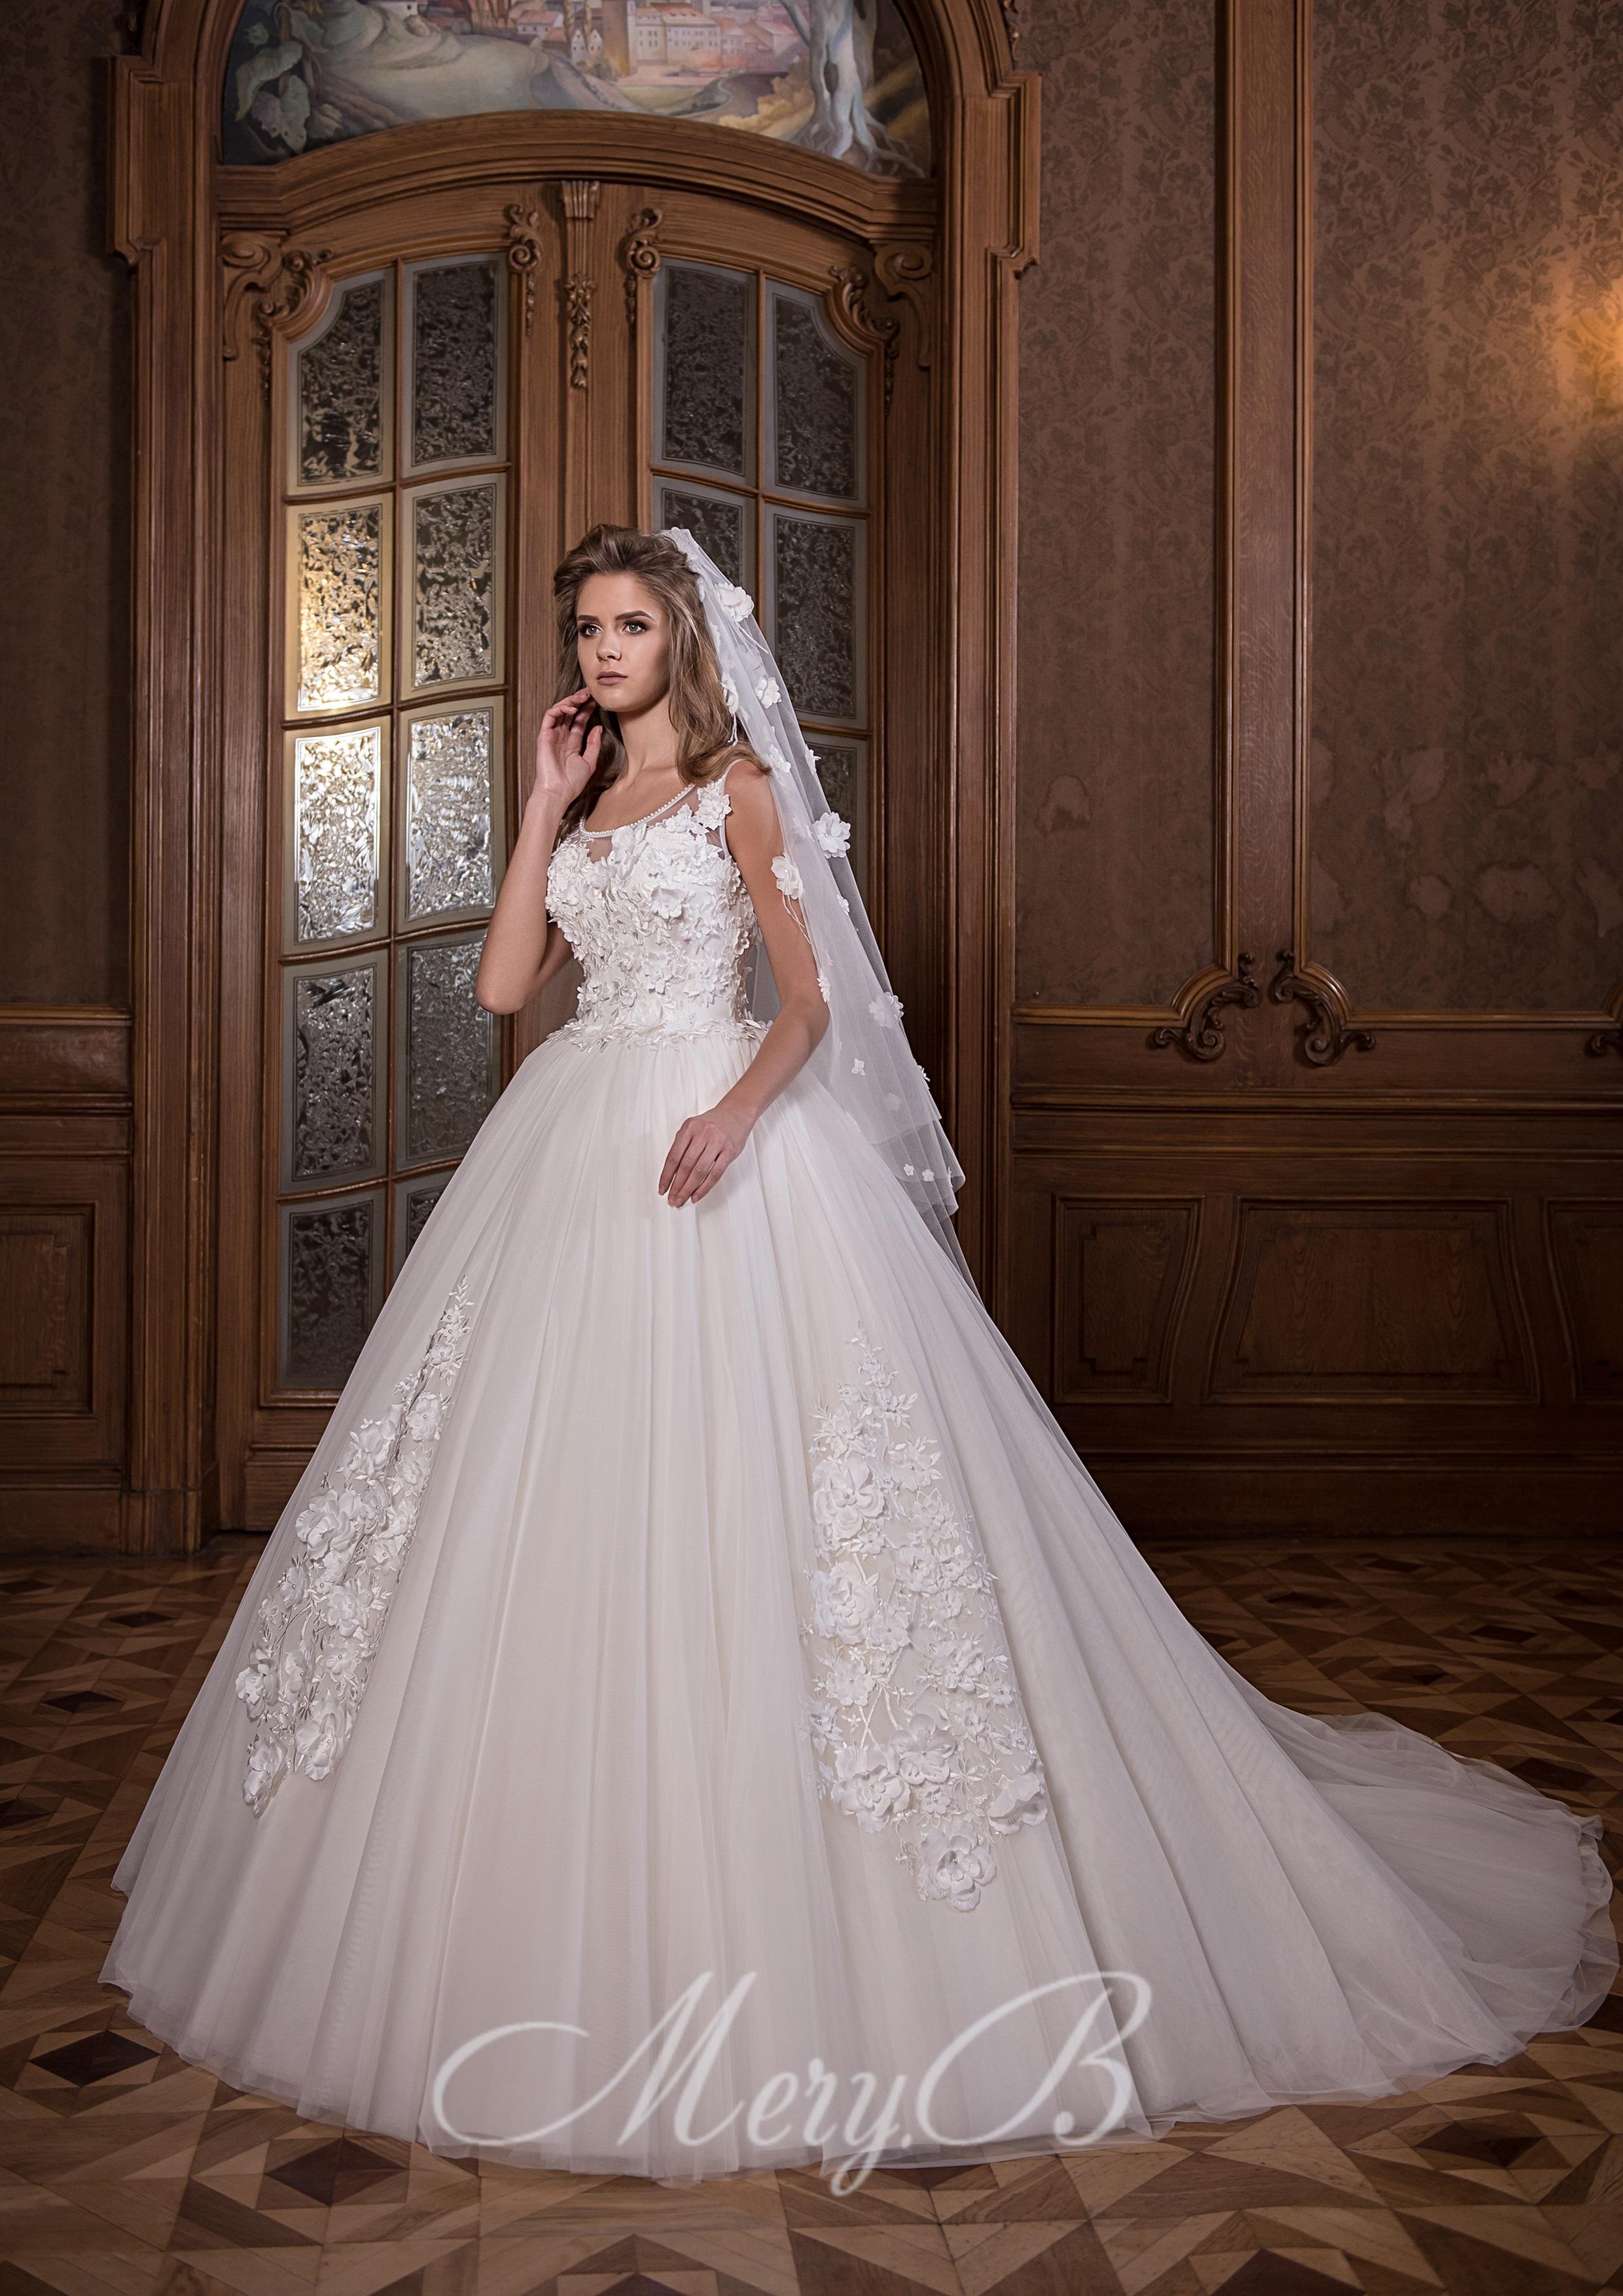 9ec1b6d696f Свадебные платья с 3D элементами Киев. Добавим немножко сексуальности в  образ невесты